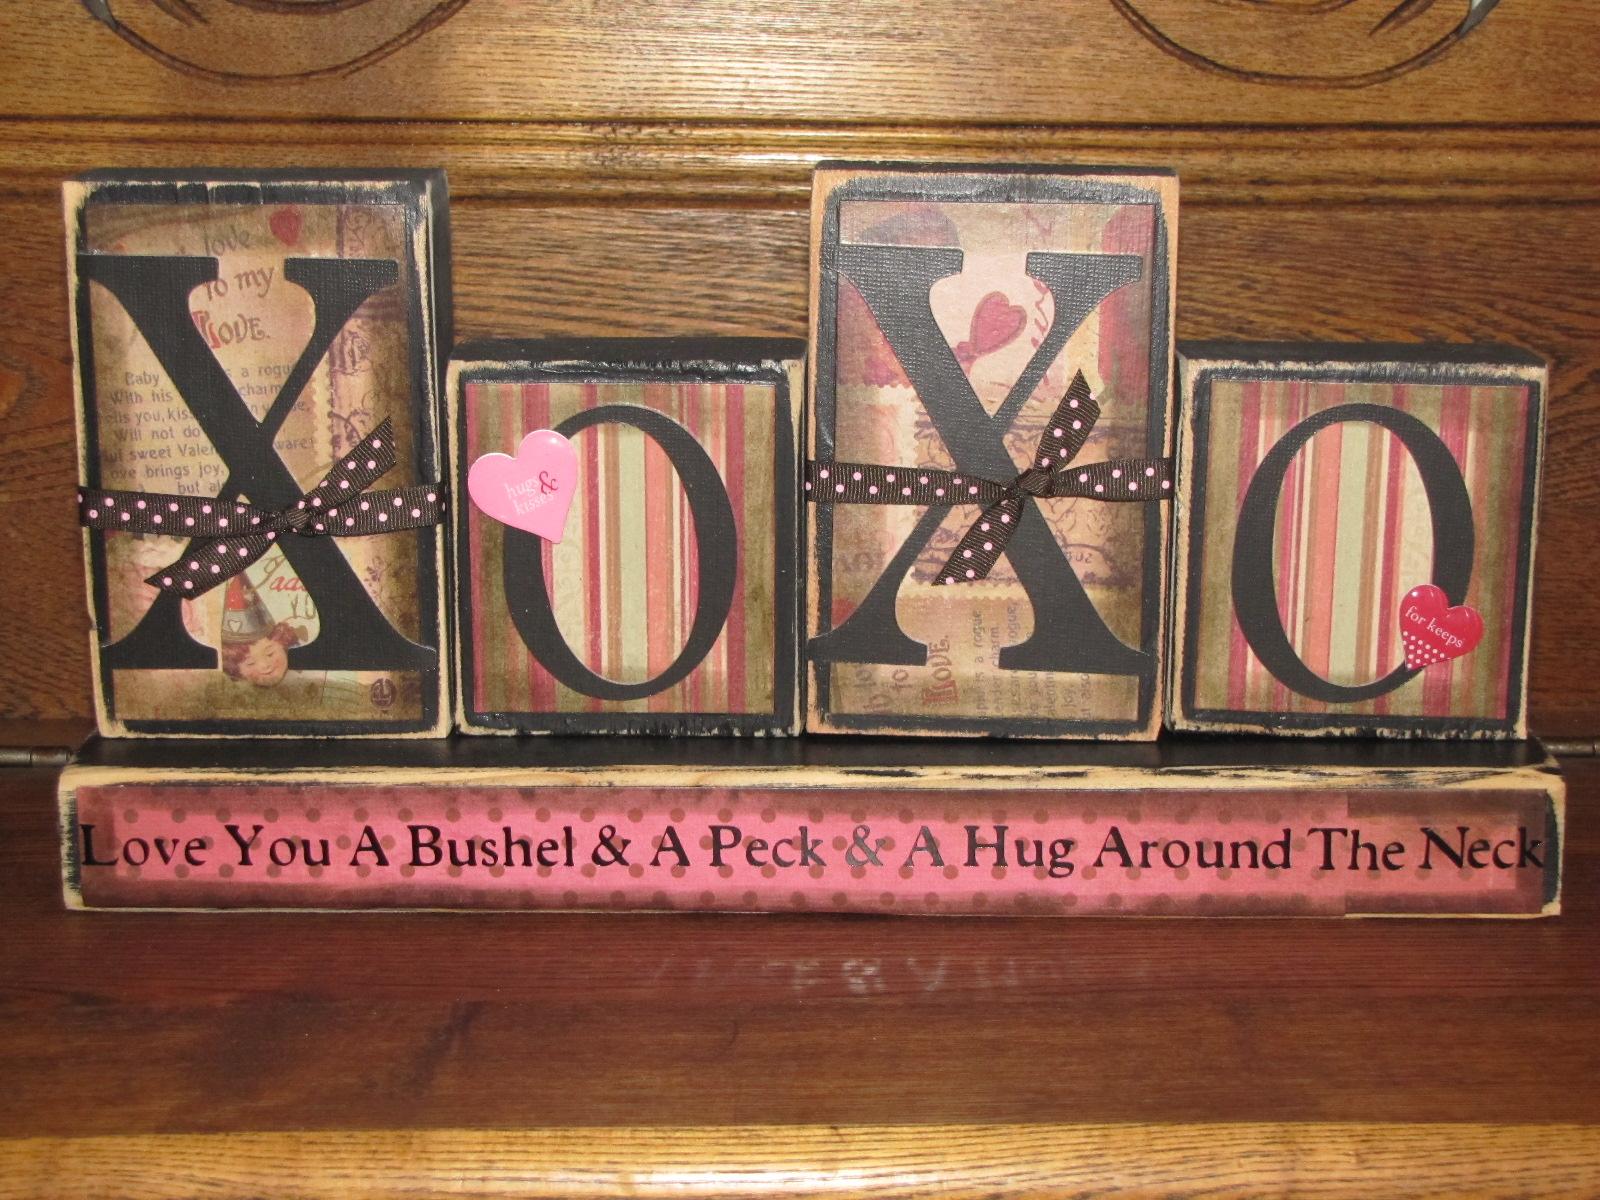 Punkin Seed Productions: XOXO-Love You A Bushel & a Peck & a Hug ...